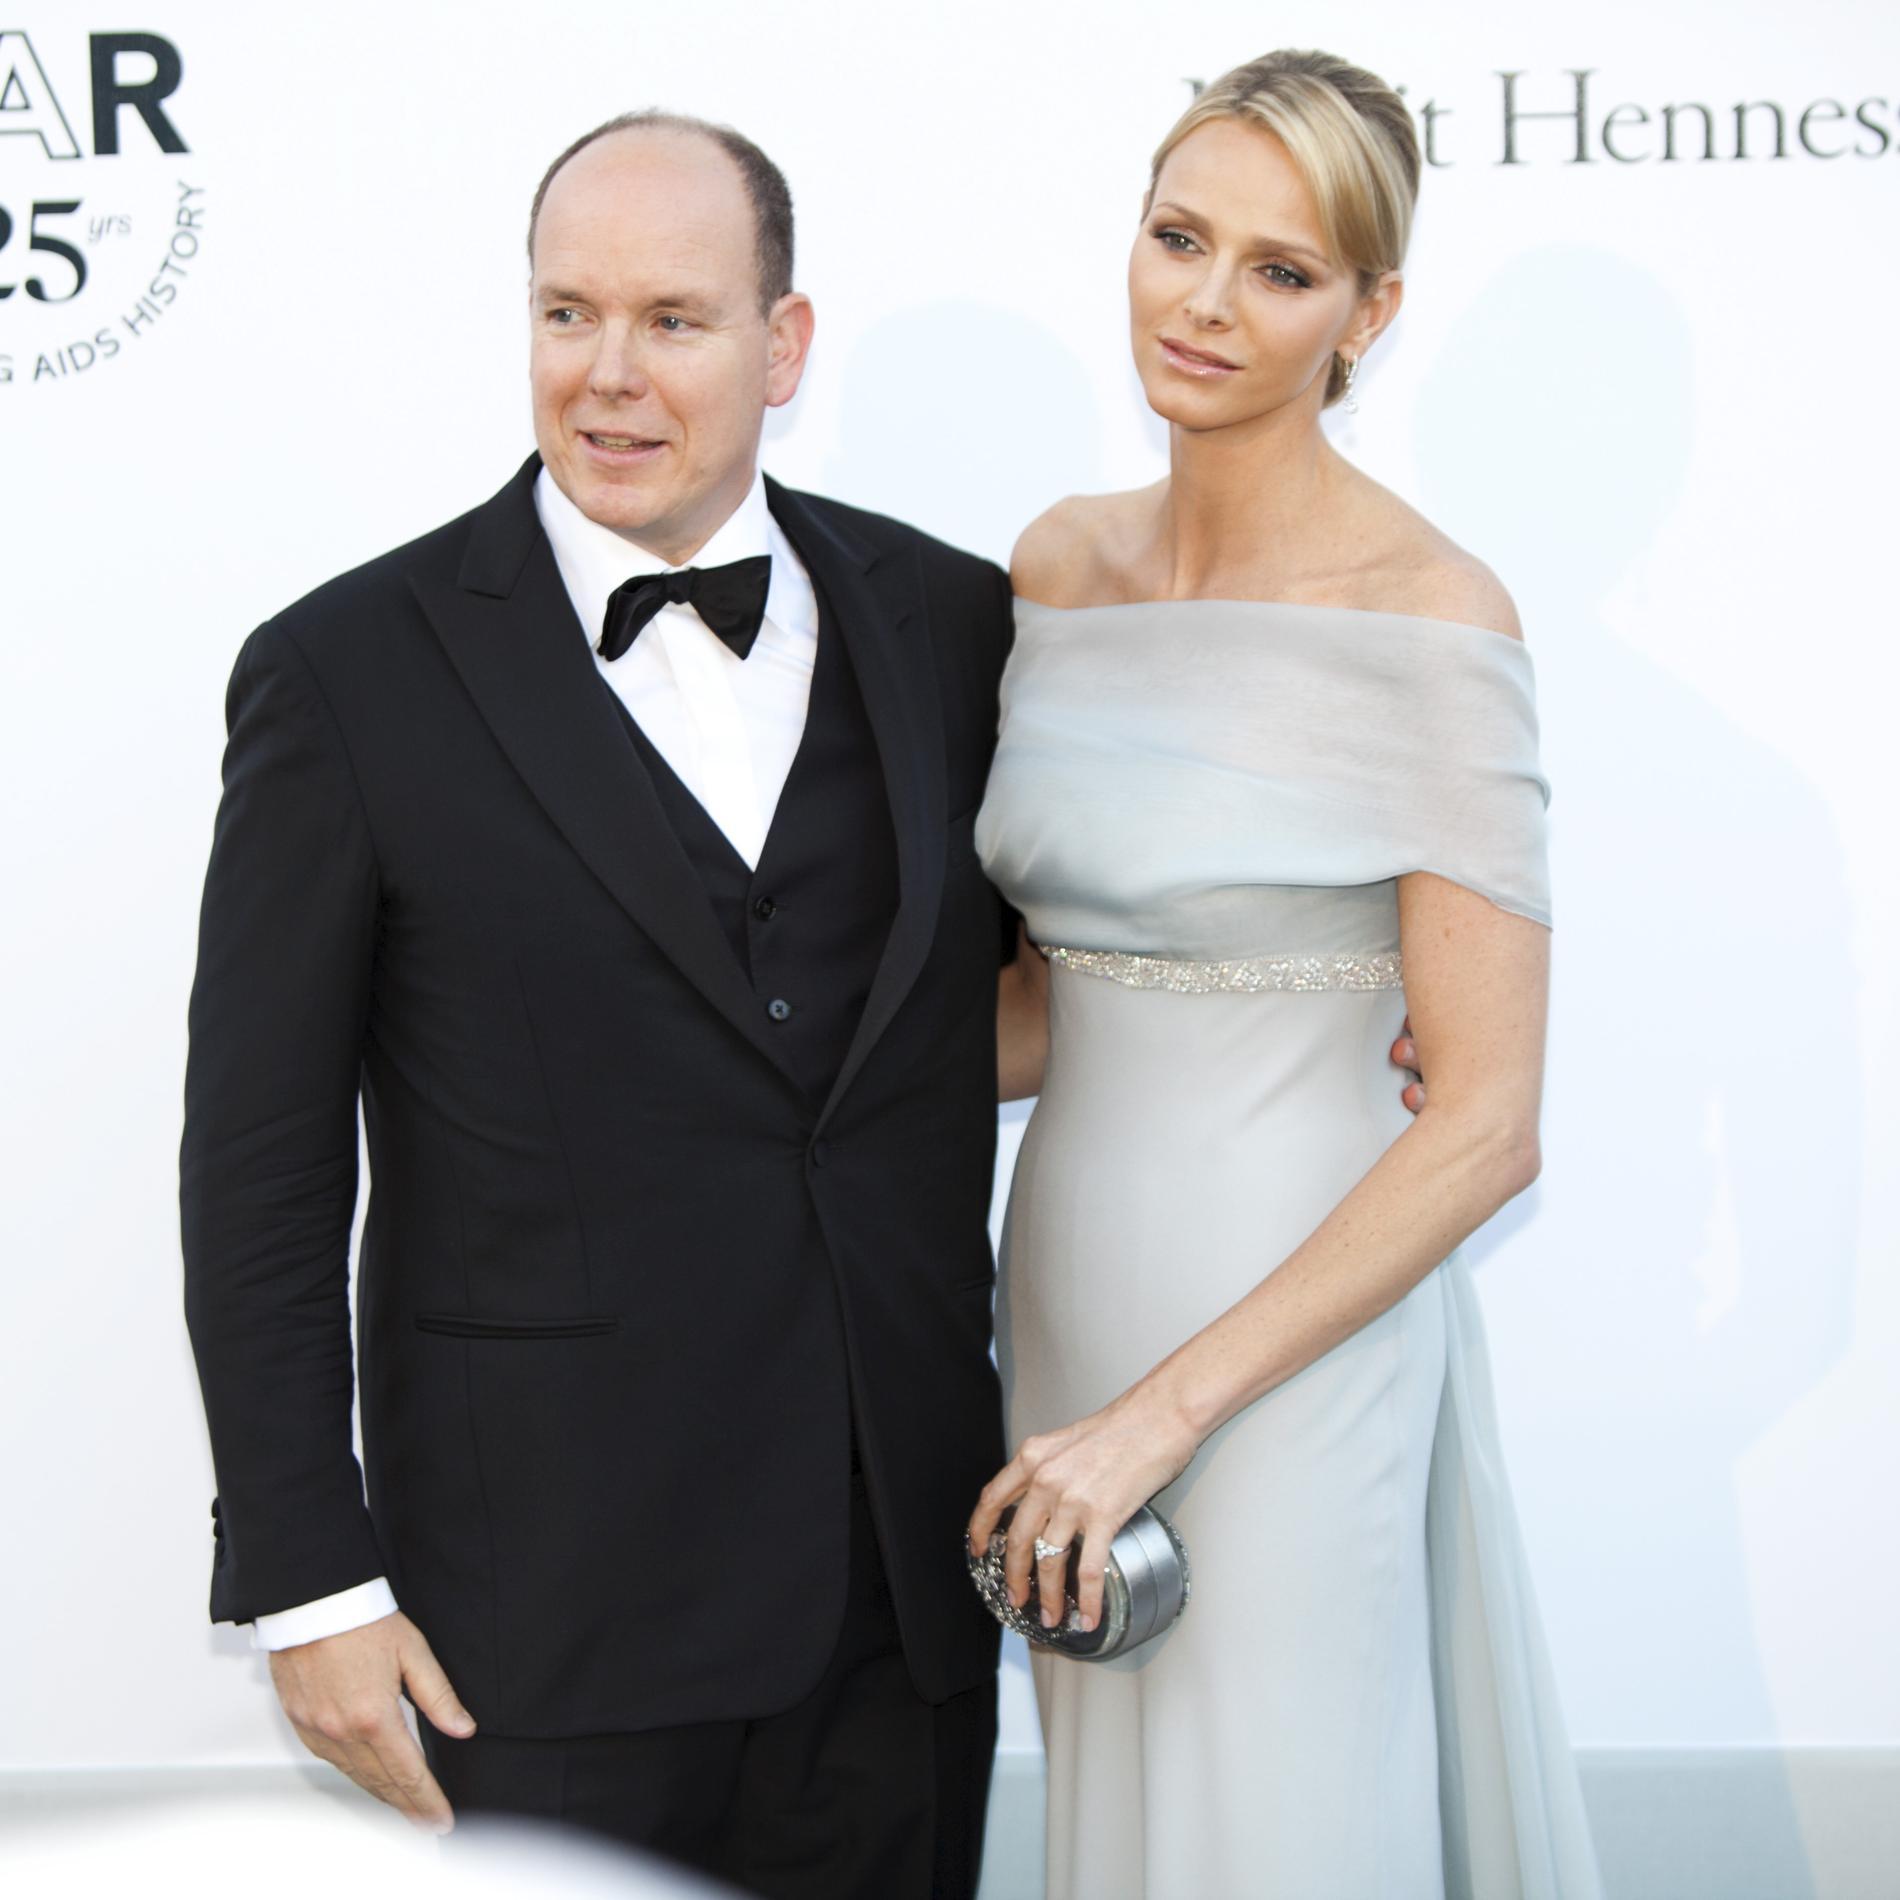 Albert II de Monaco et Charlene Wittstock au gala de l'amfAR 2011